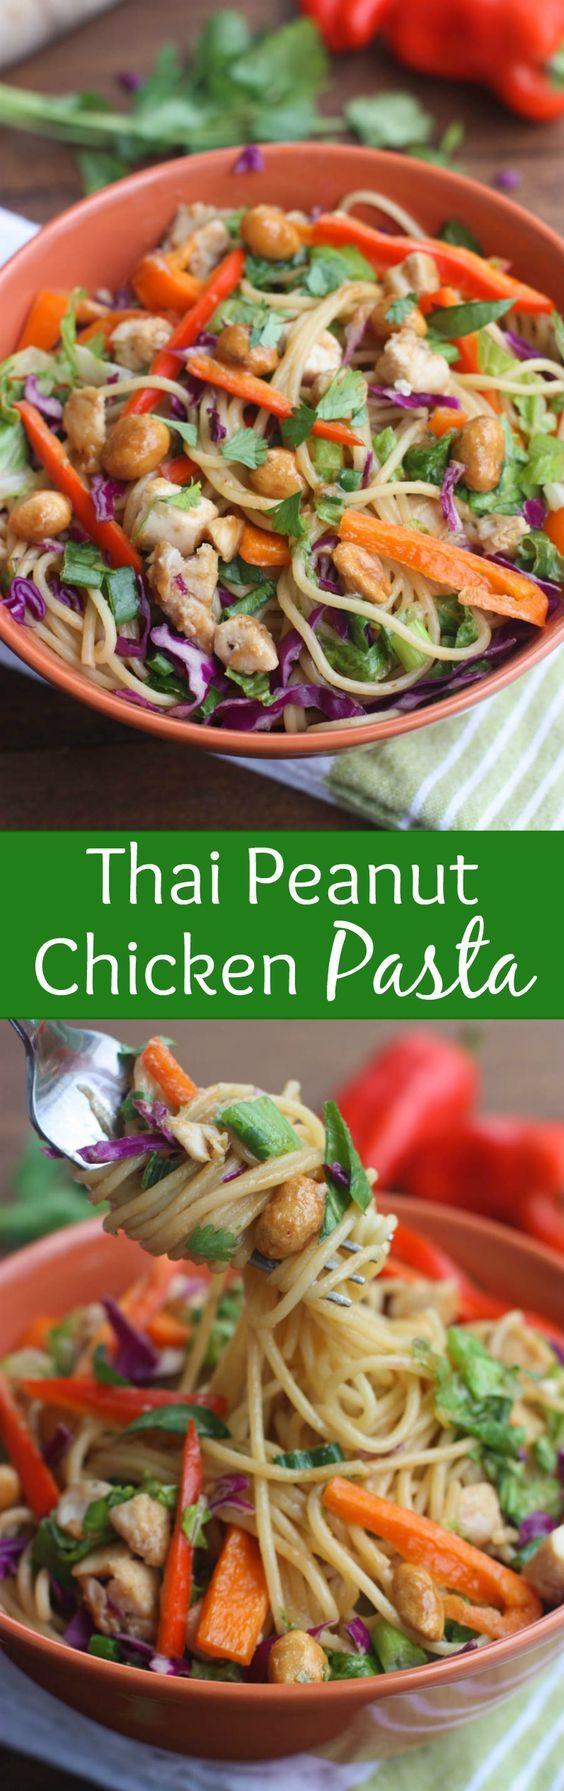 Peanut Chicken on Pinterest | Thai Peanut Chicken, Chicken and Noodles ...